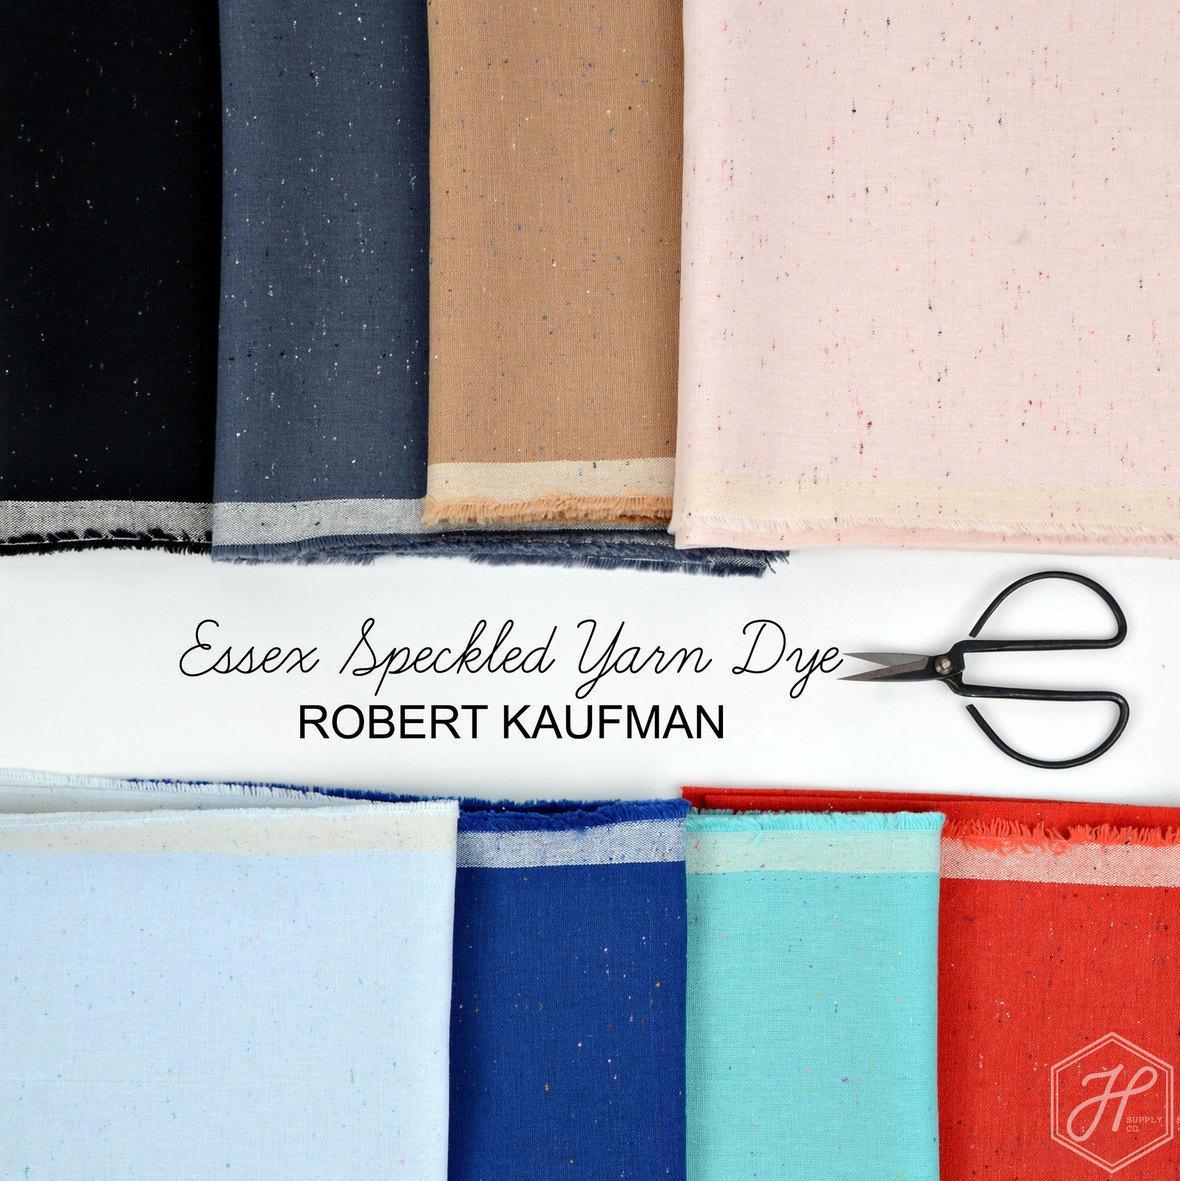 Essex-Speckled-Yarn-Dye-Kaufman-at-Hawthorne-Supply-Co